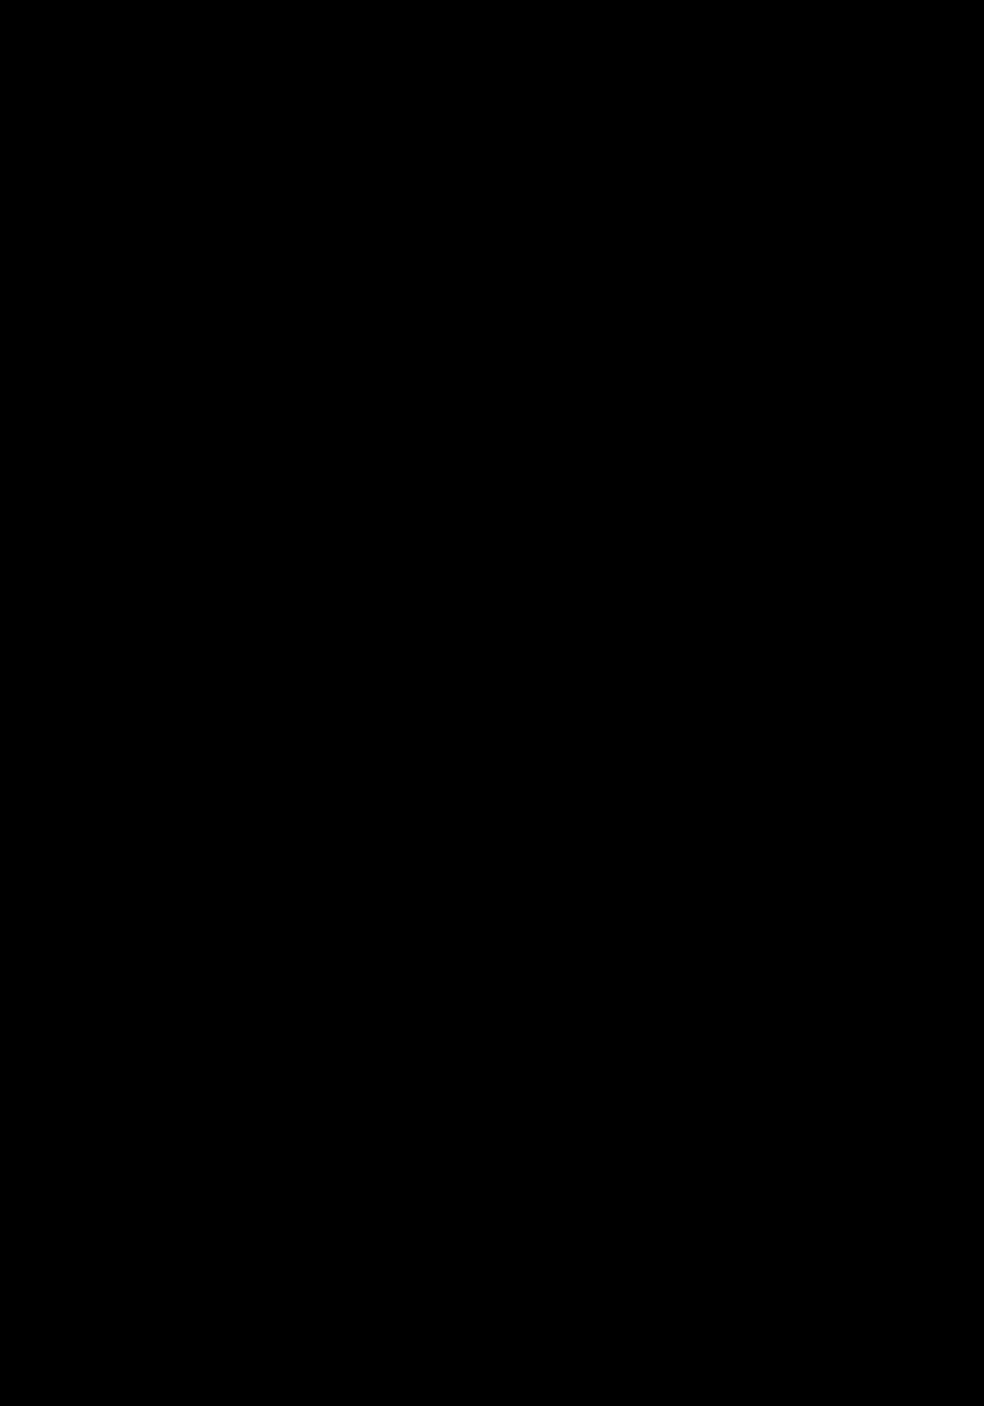 艶 M 大かな MTU-KL 横組見本